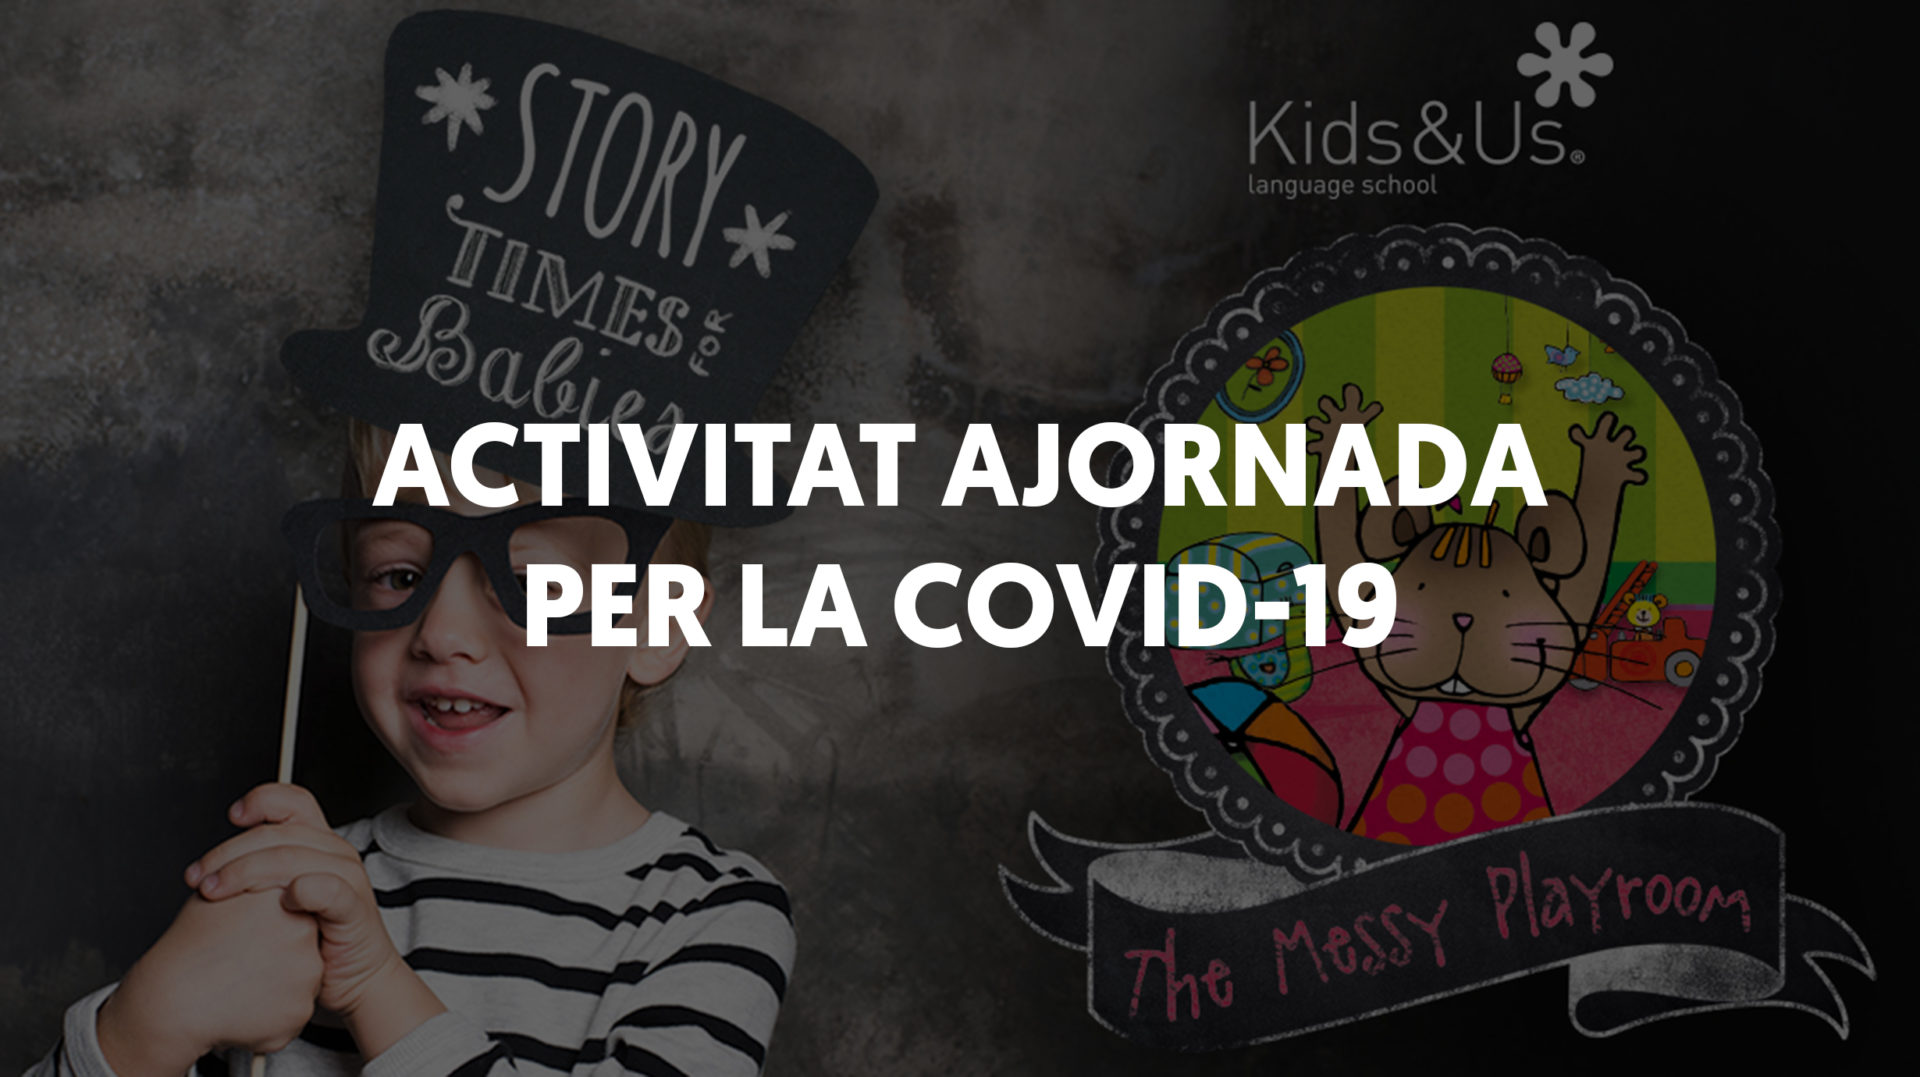 Hora del Conte: The messy playroom (activitat ajornada per la COVID-19)